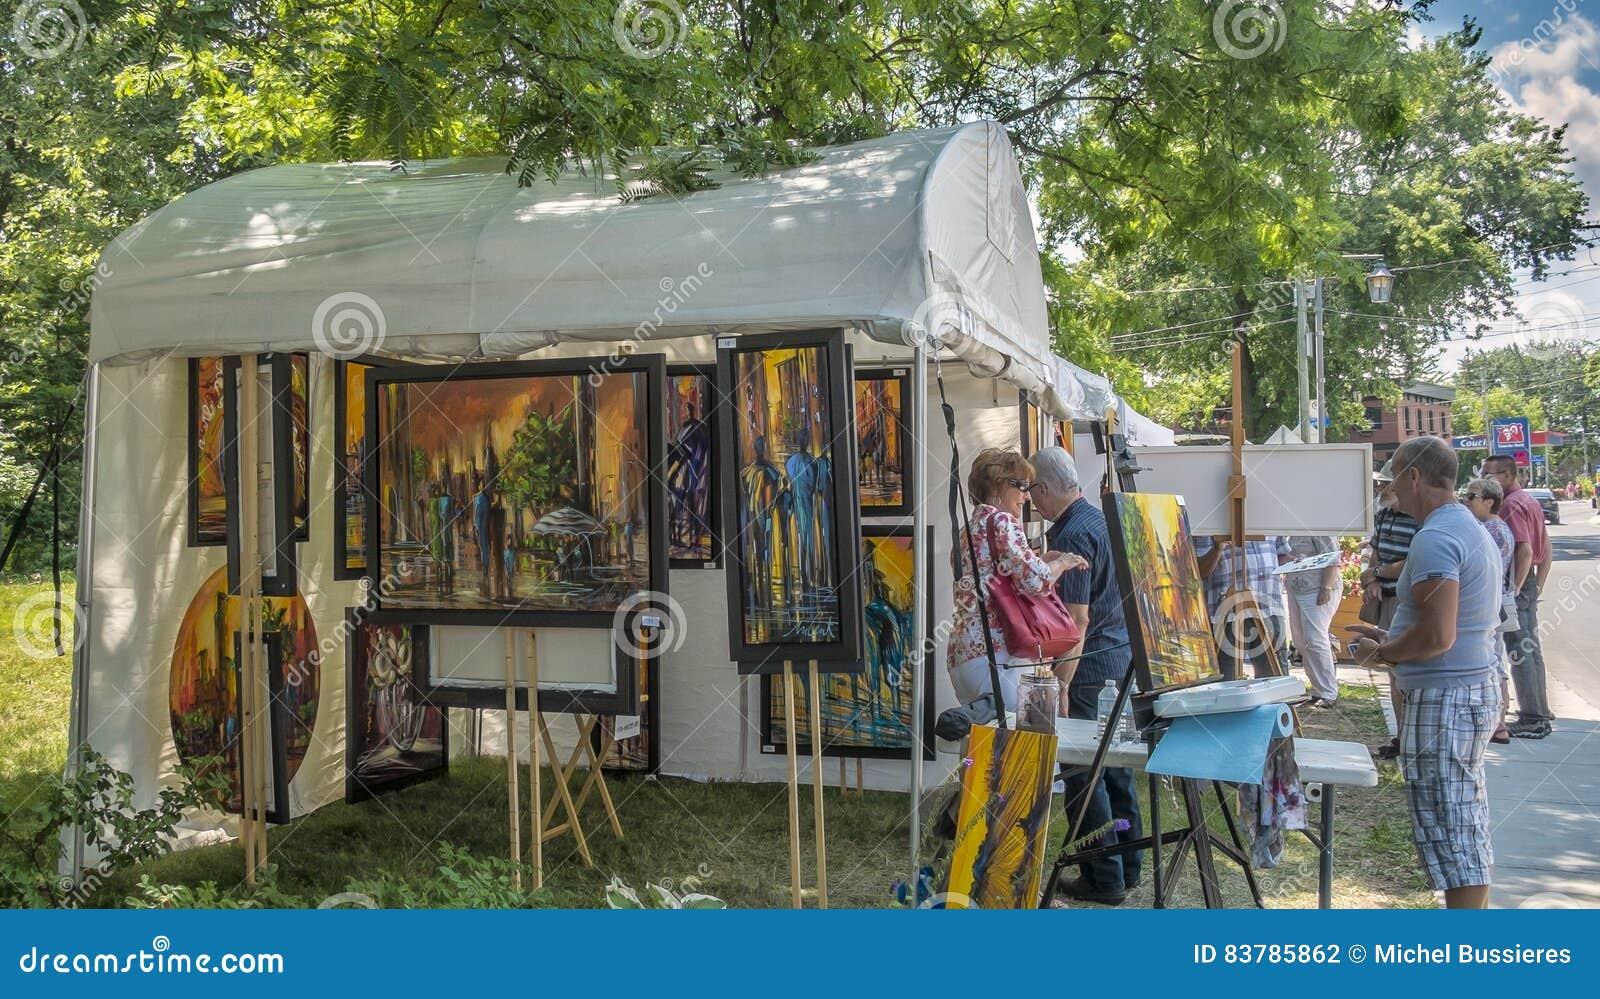 Art fair stands